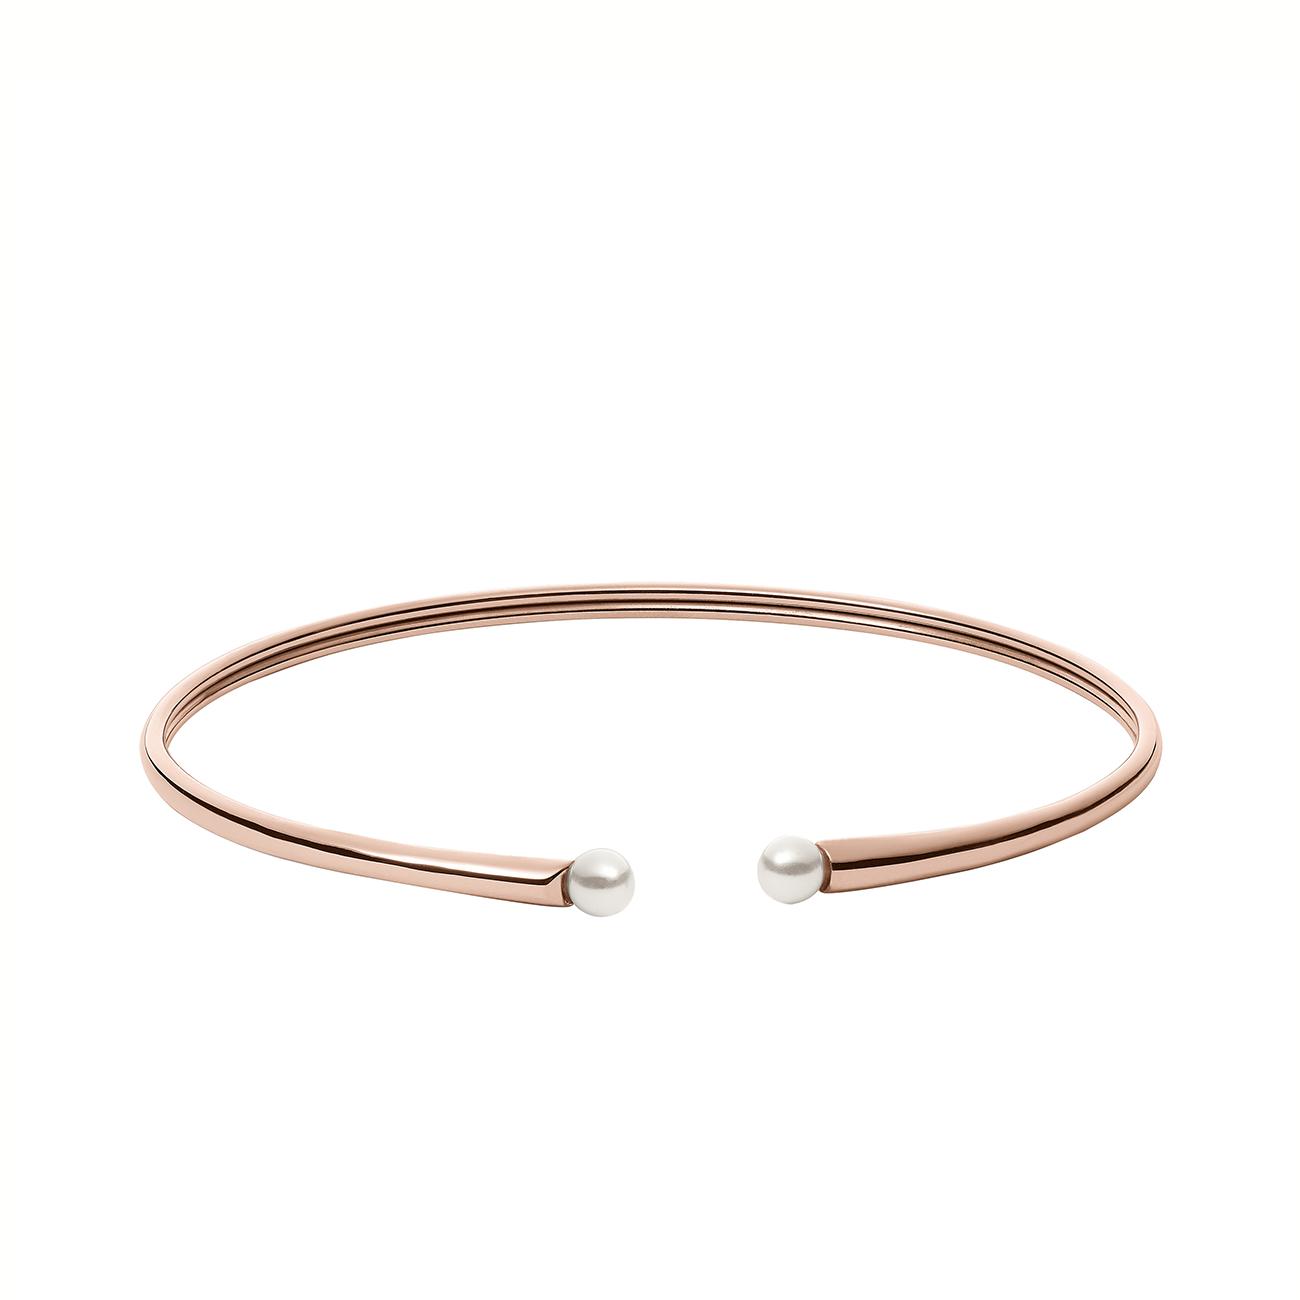 Skj1062791 Agnethe Bracelet